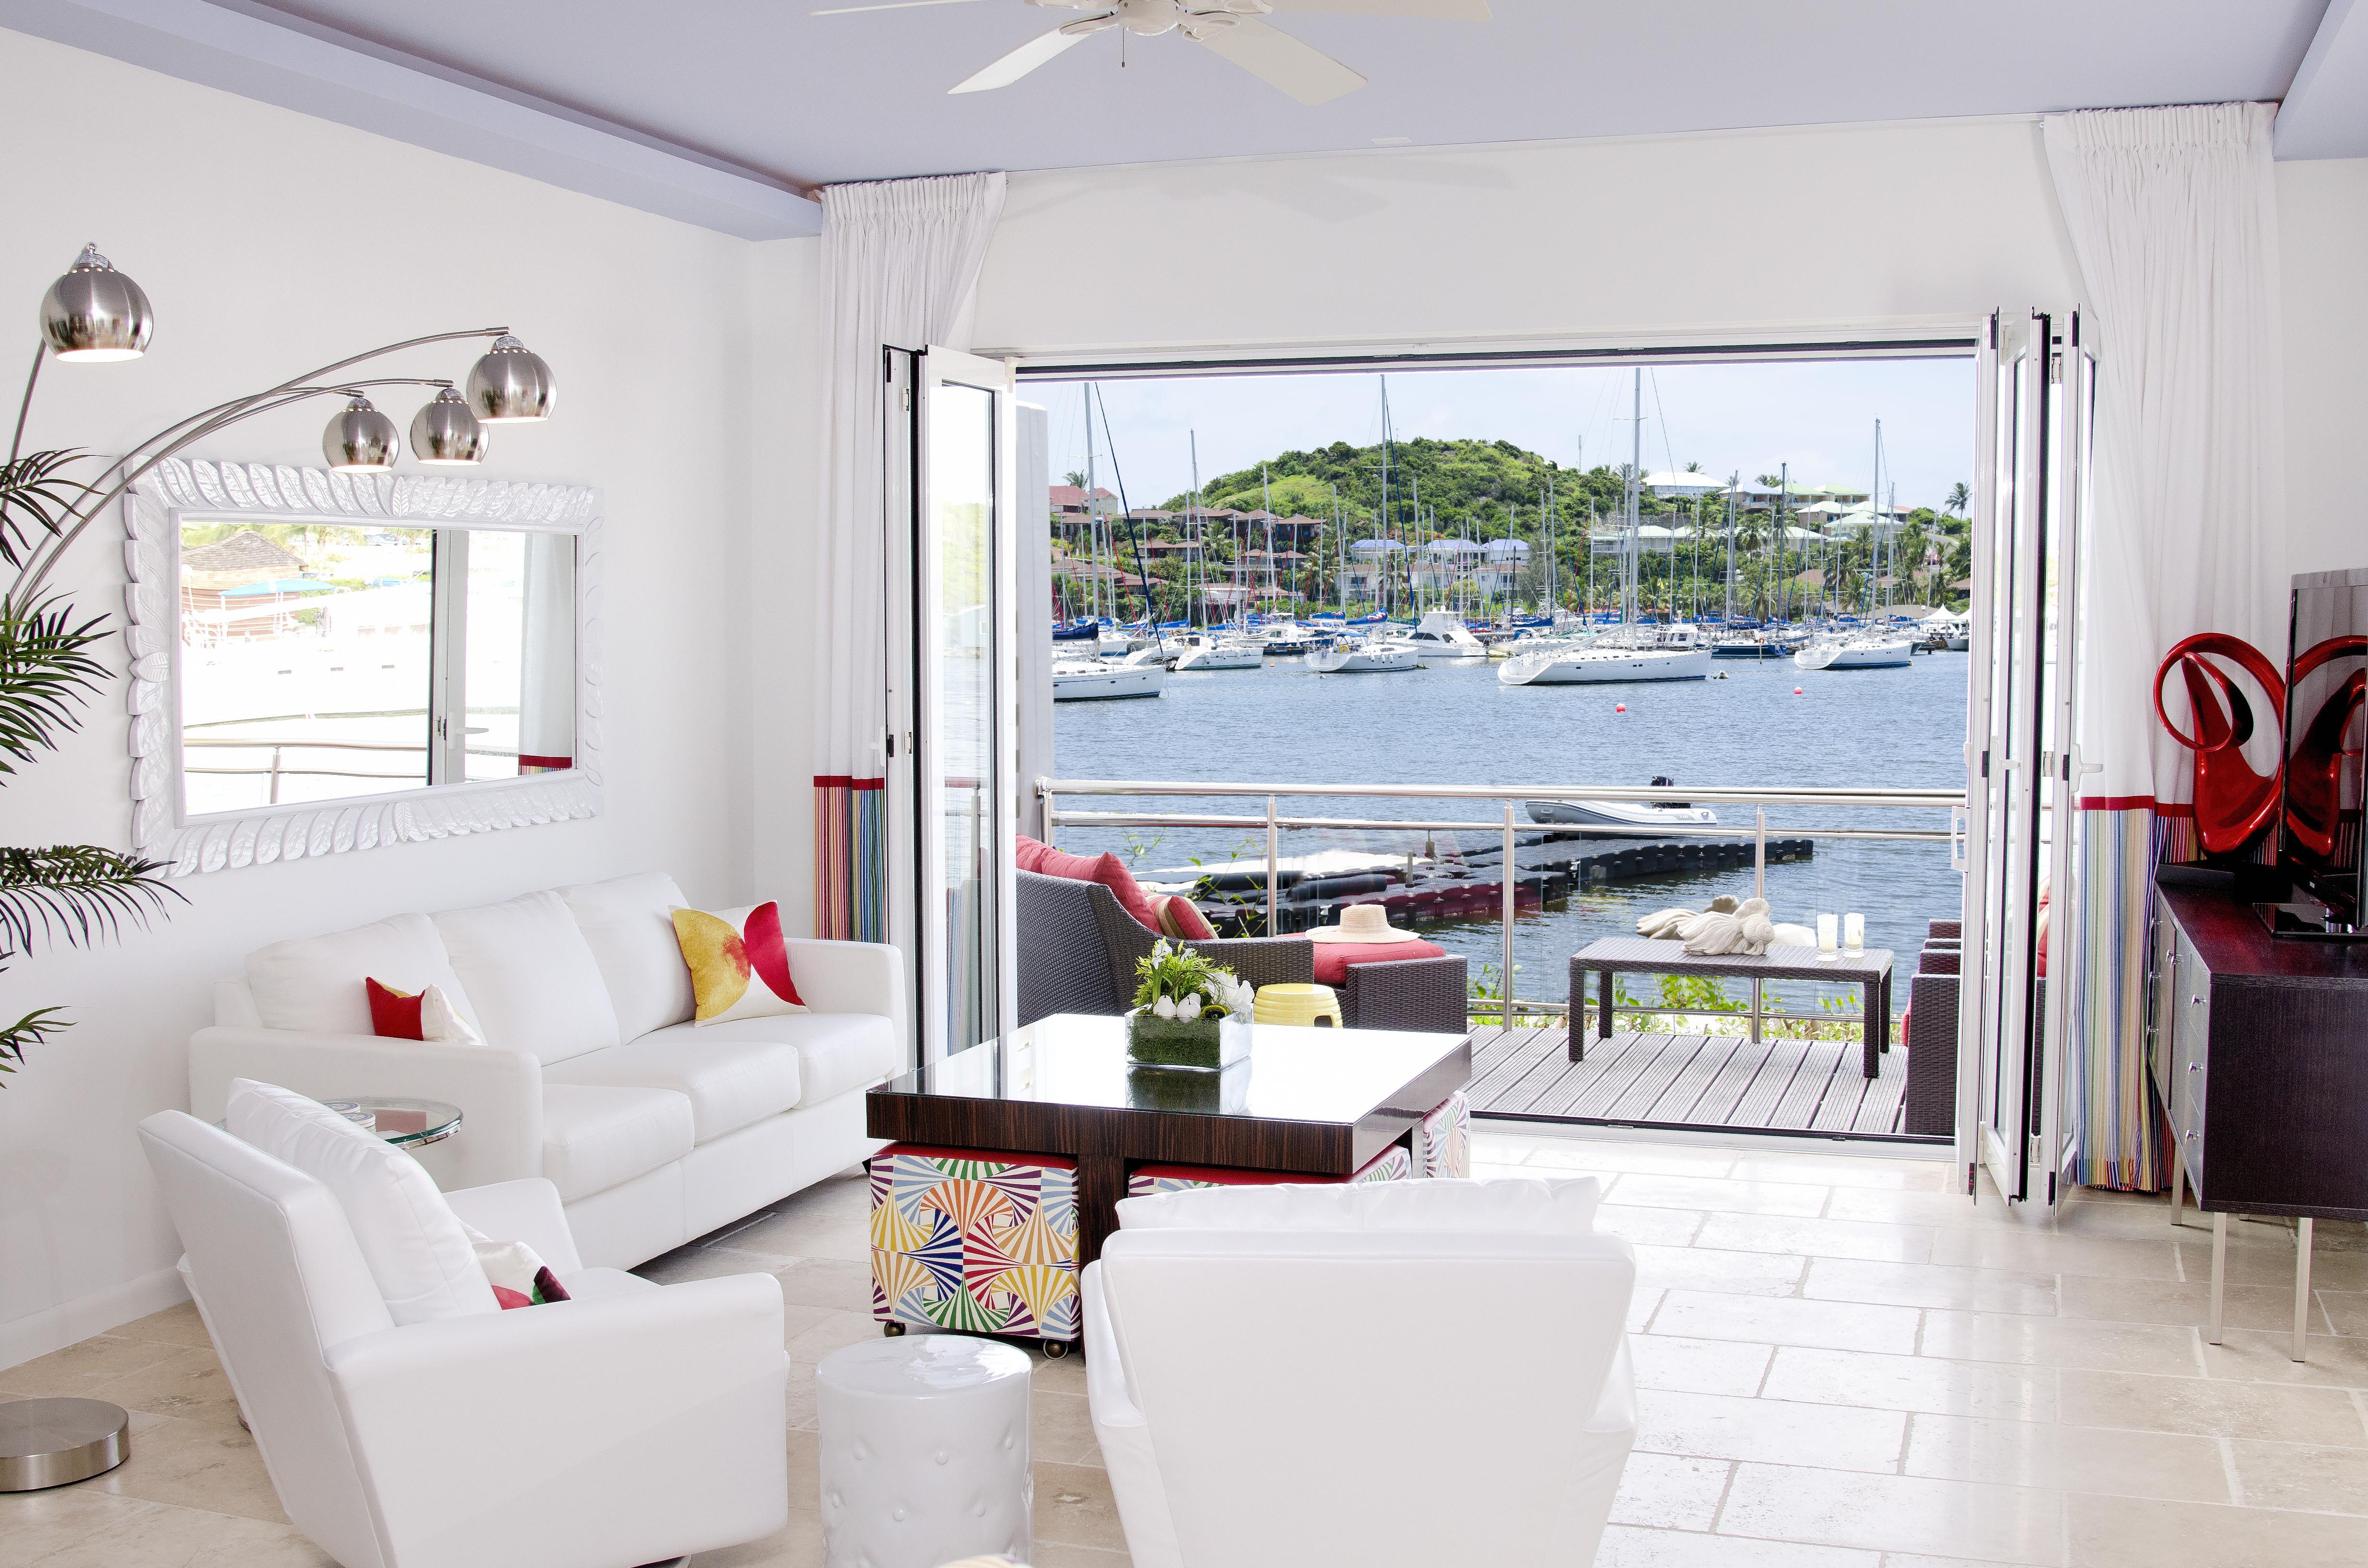 corrines-marina-town-home